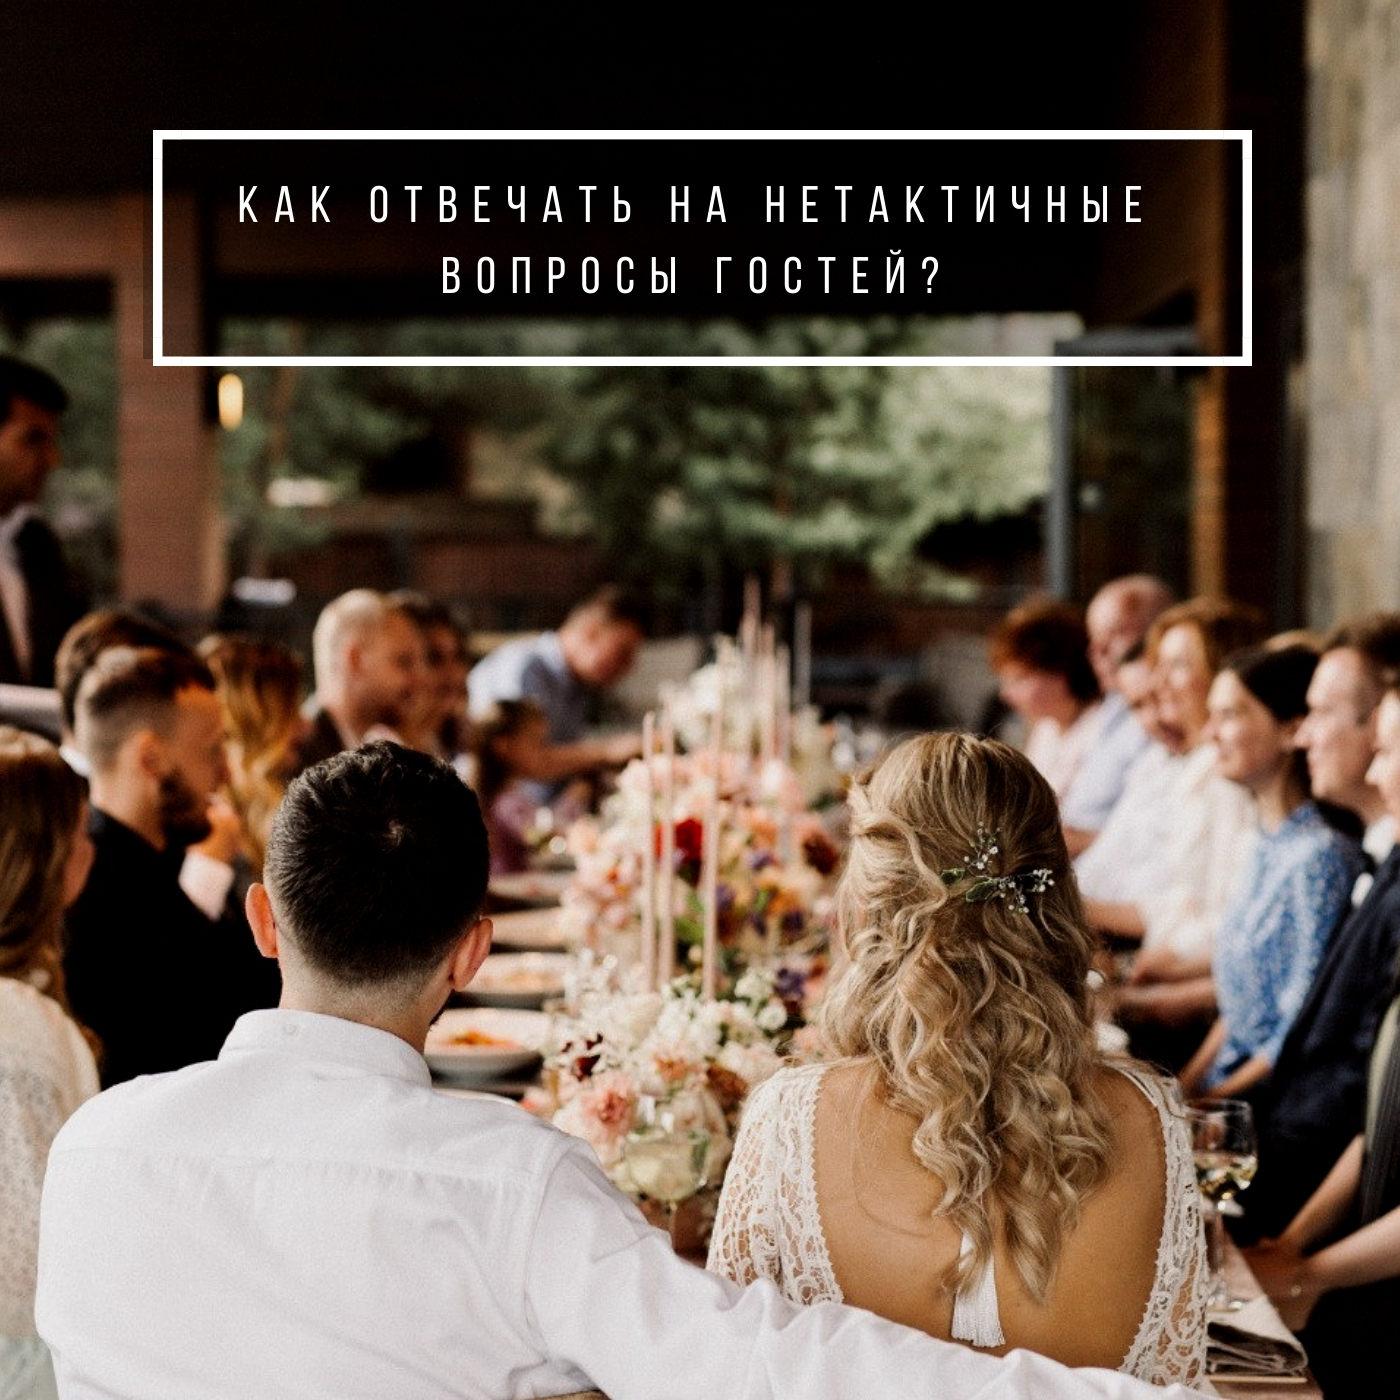 Как отвечать на нетактичные вопросы гостей?